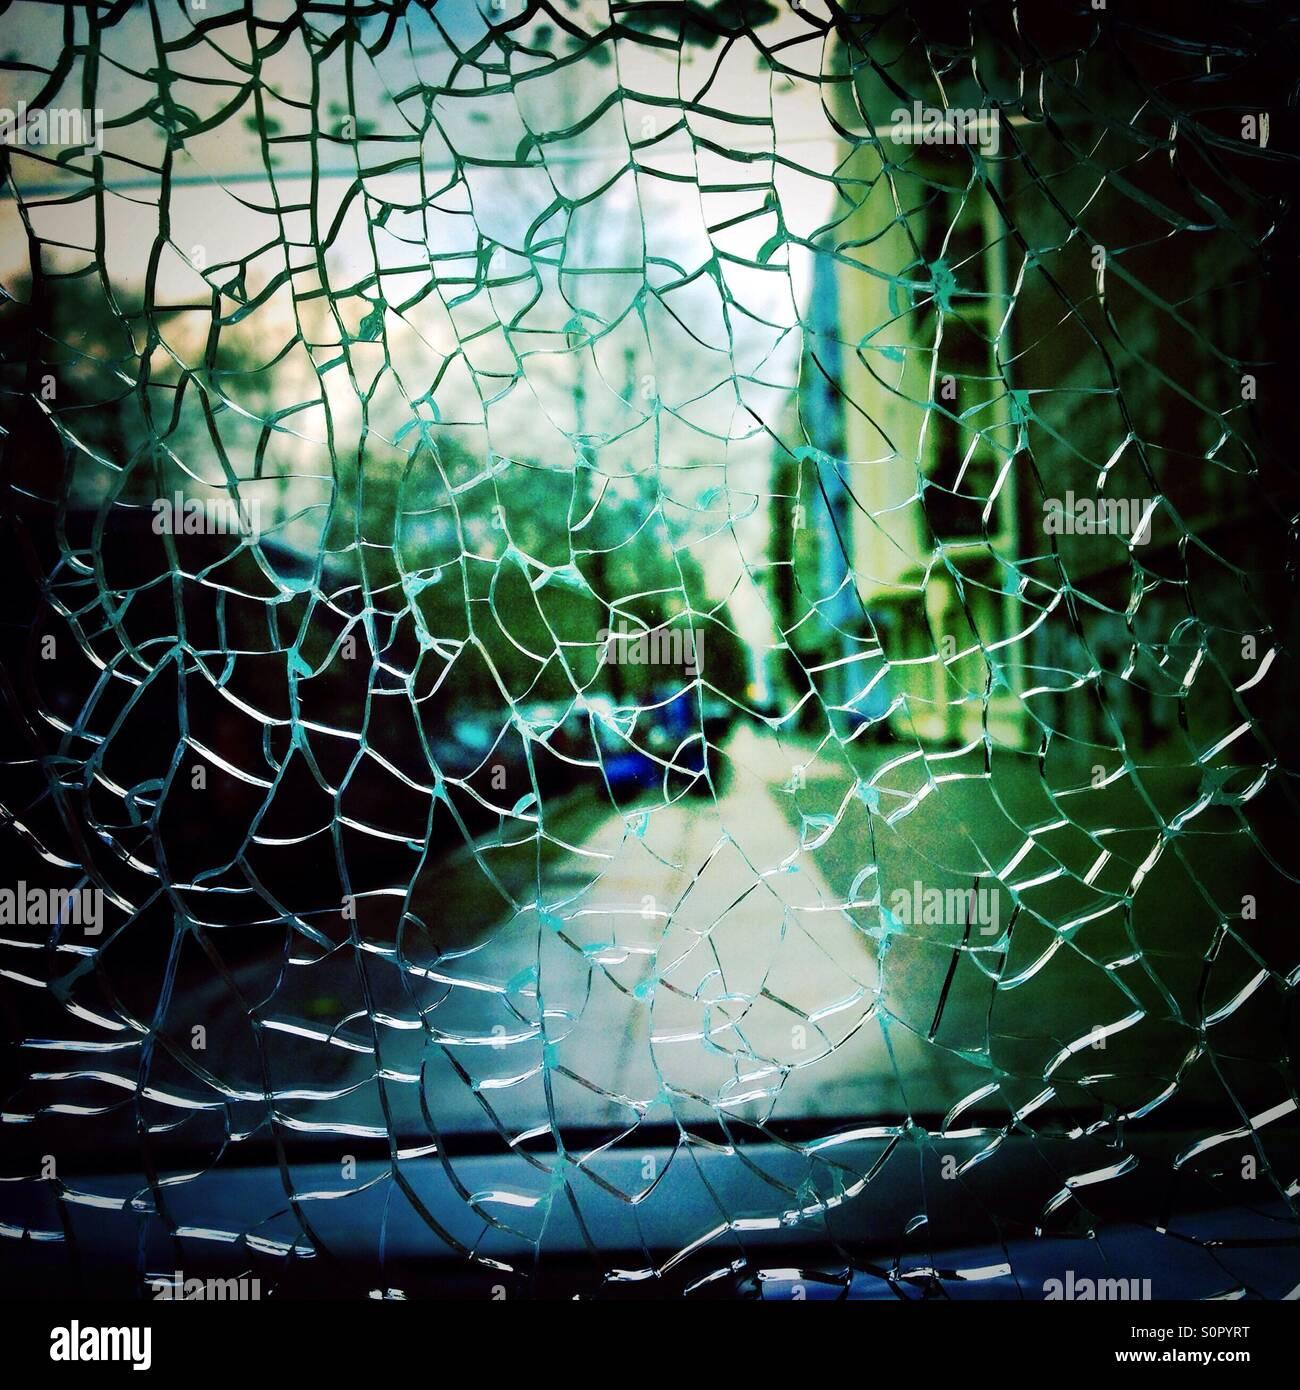 Du verre brisé et une rue de la ville en arrière-plan Photo Stock